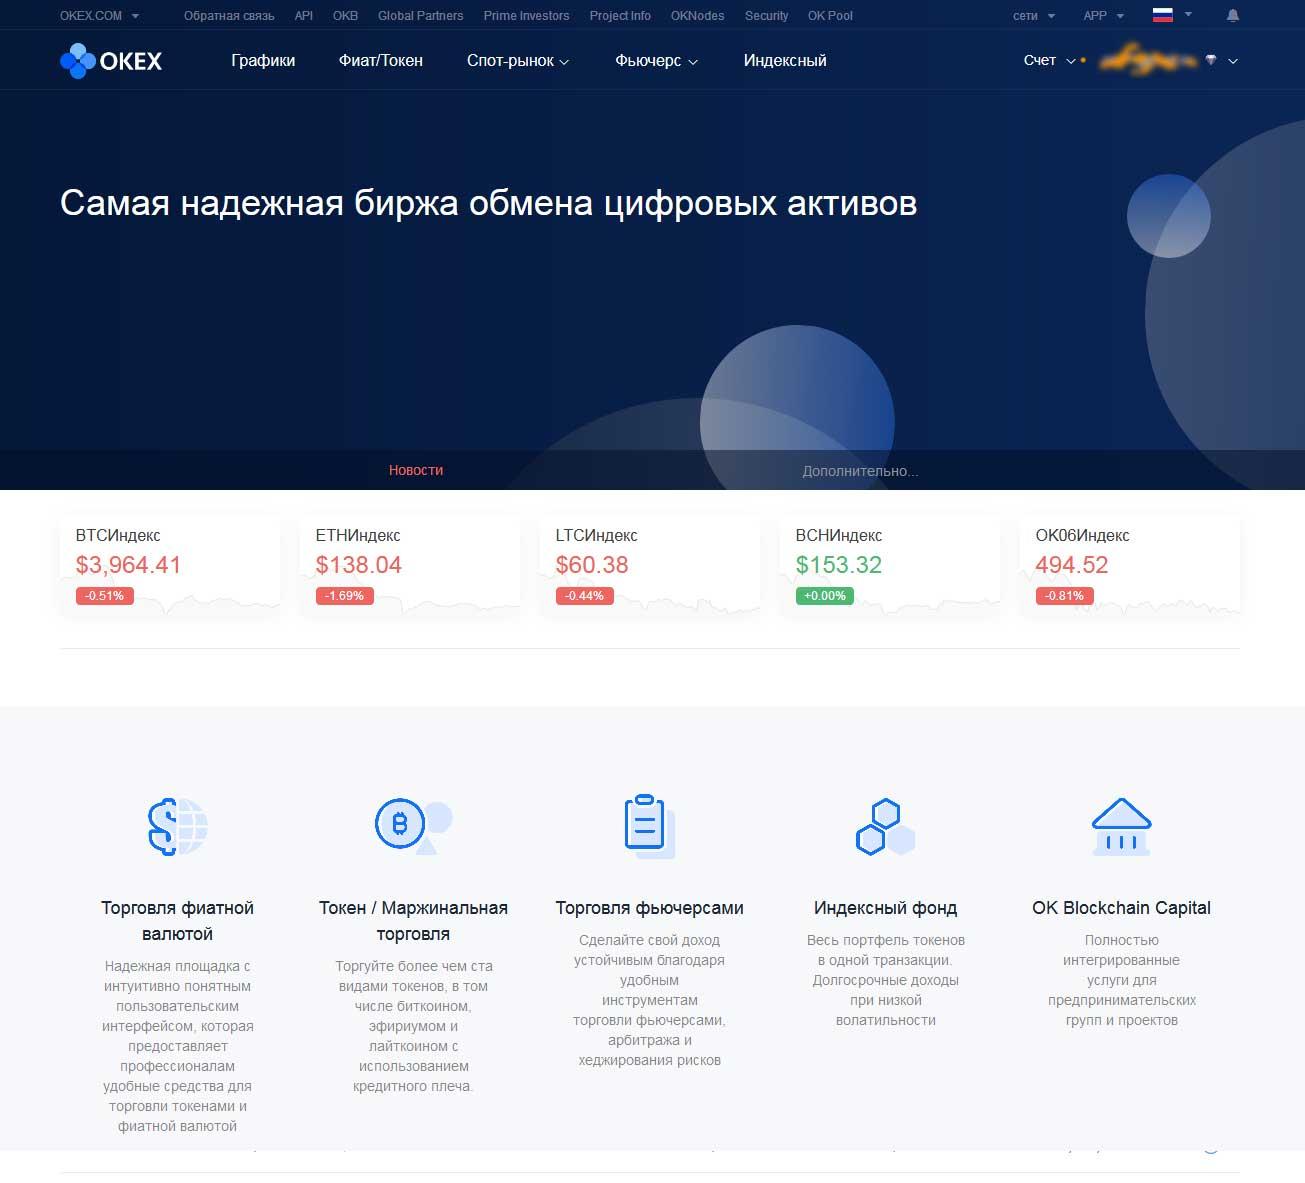 okex биржа официальный сайт